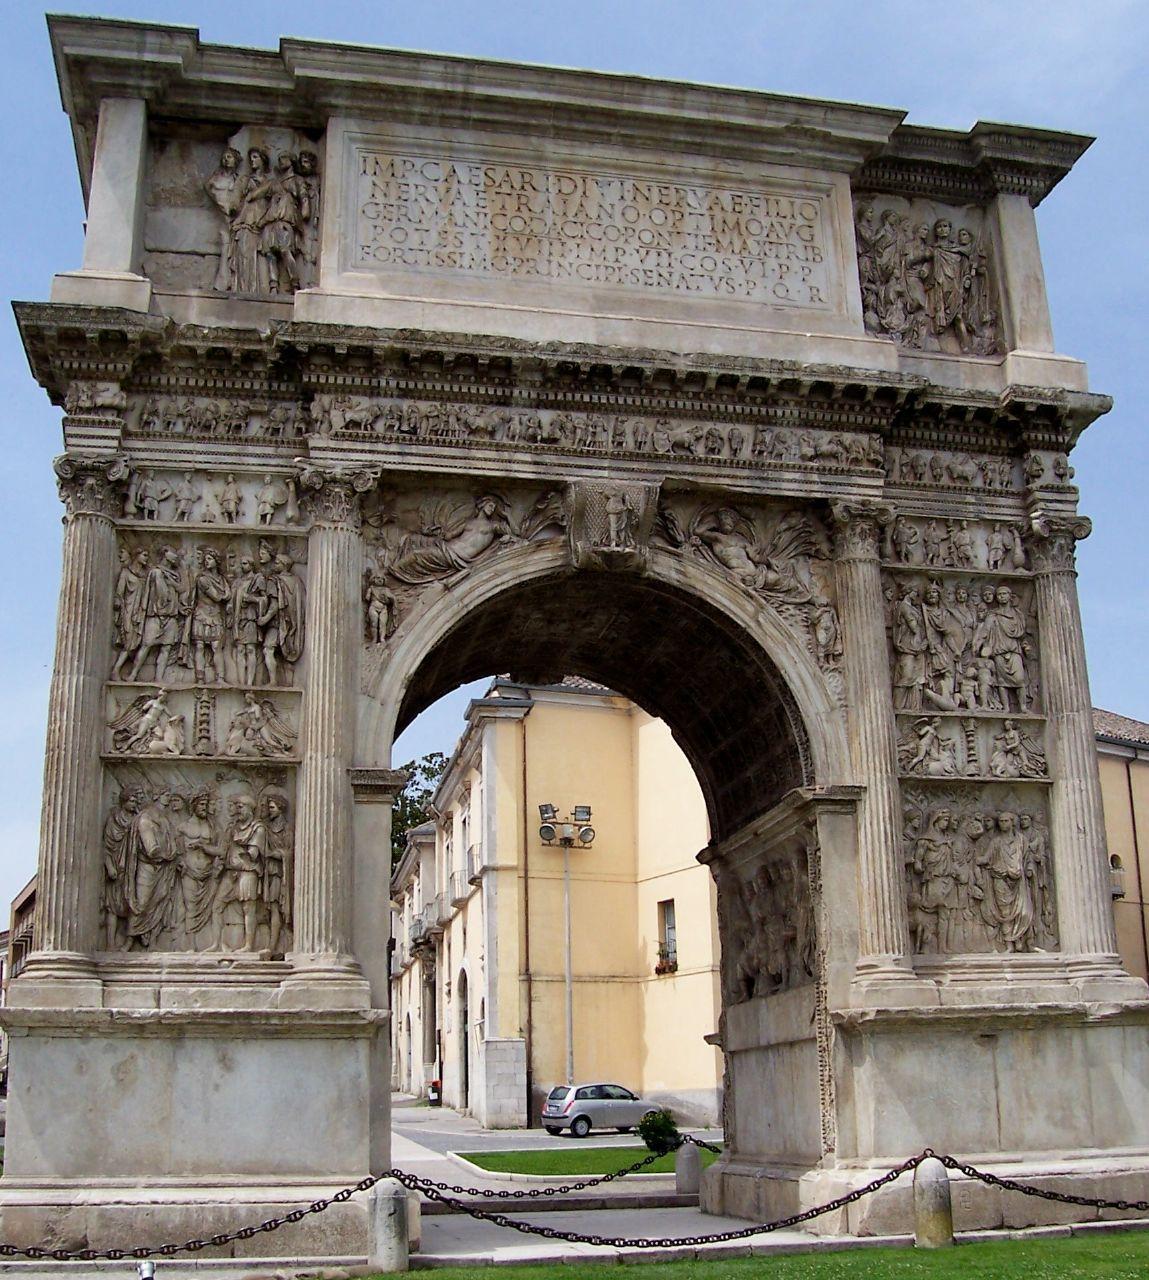 Arco de trajano benevento wikip dia a enciclop dia livre for Planimetrie della cabina ad arco